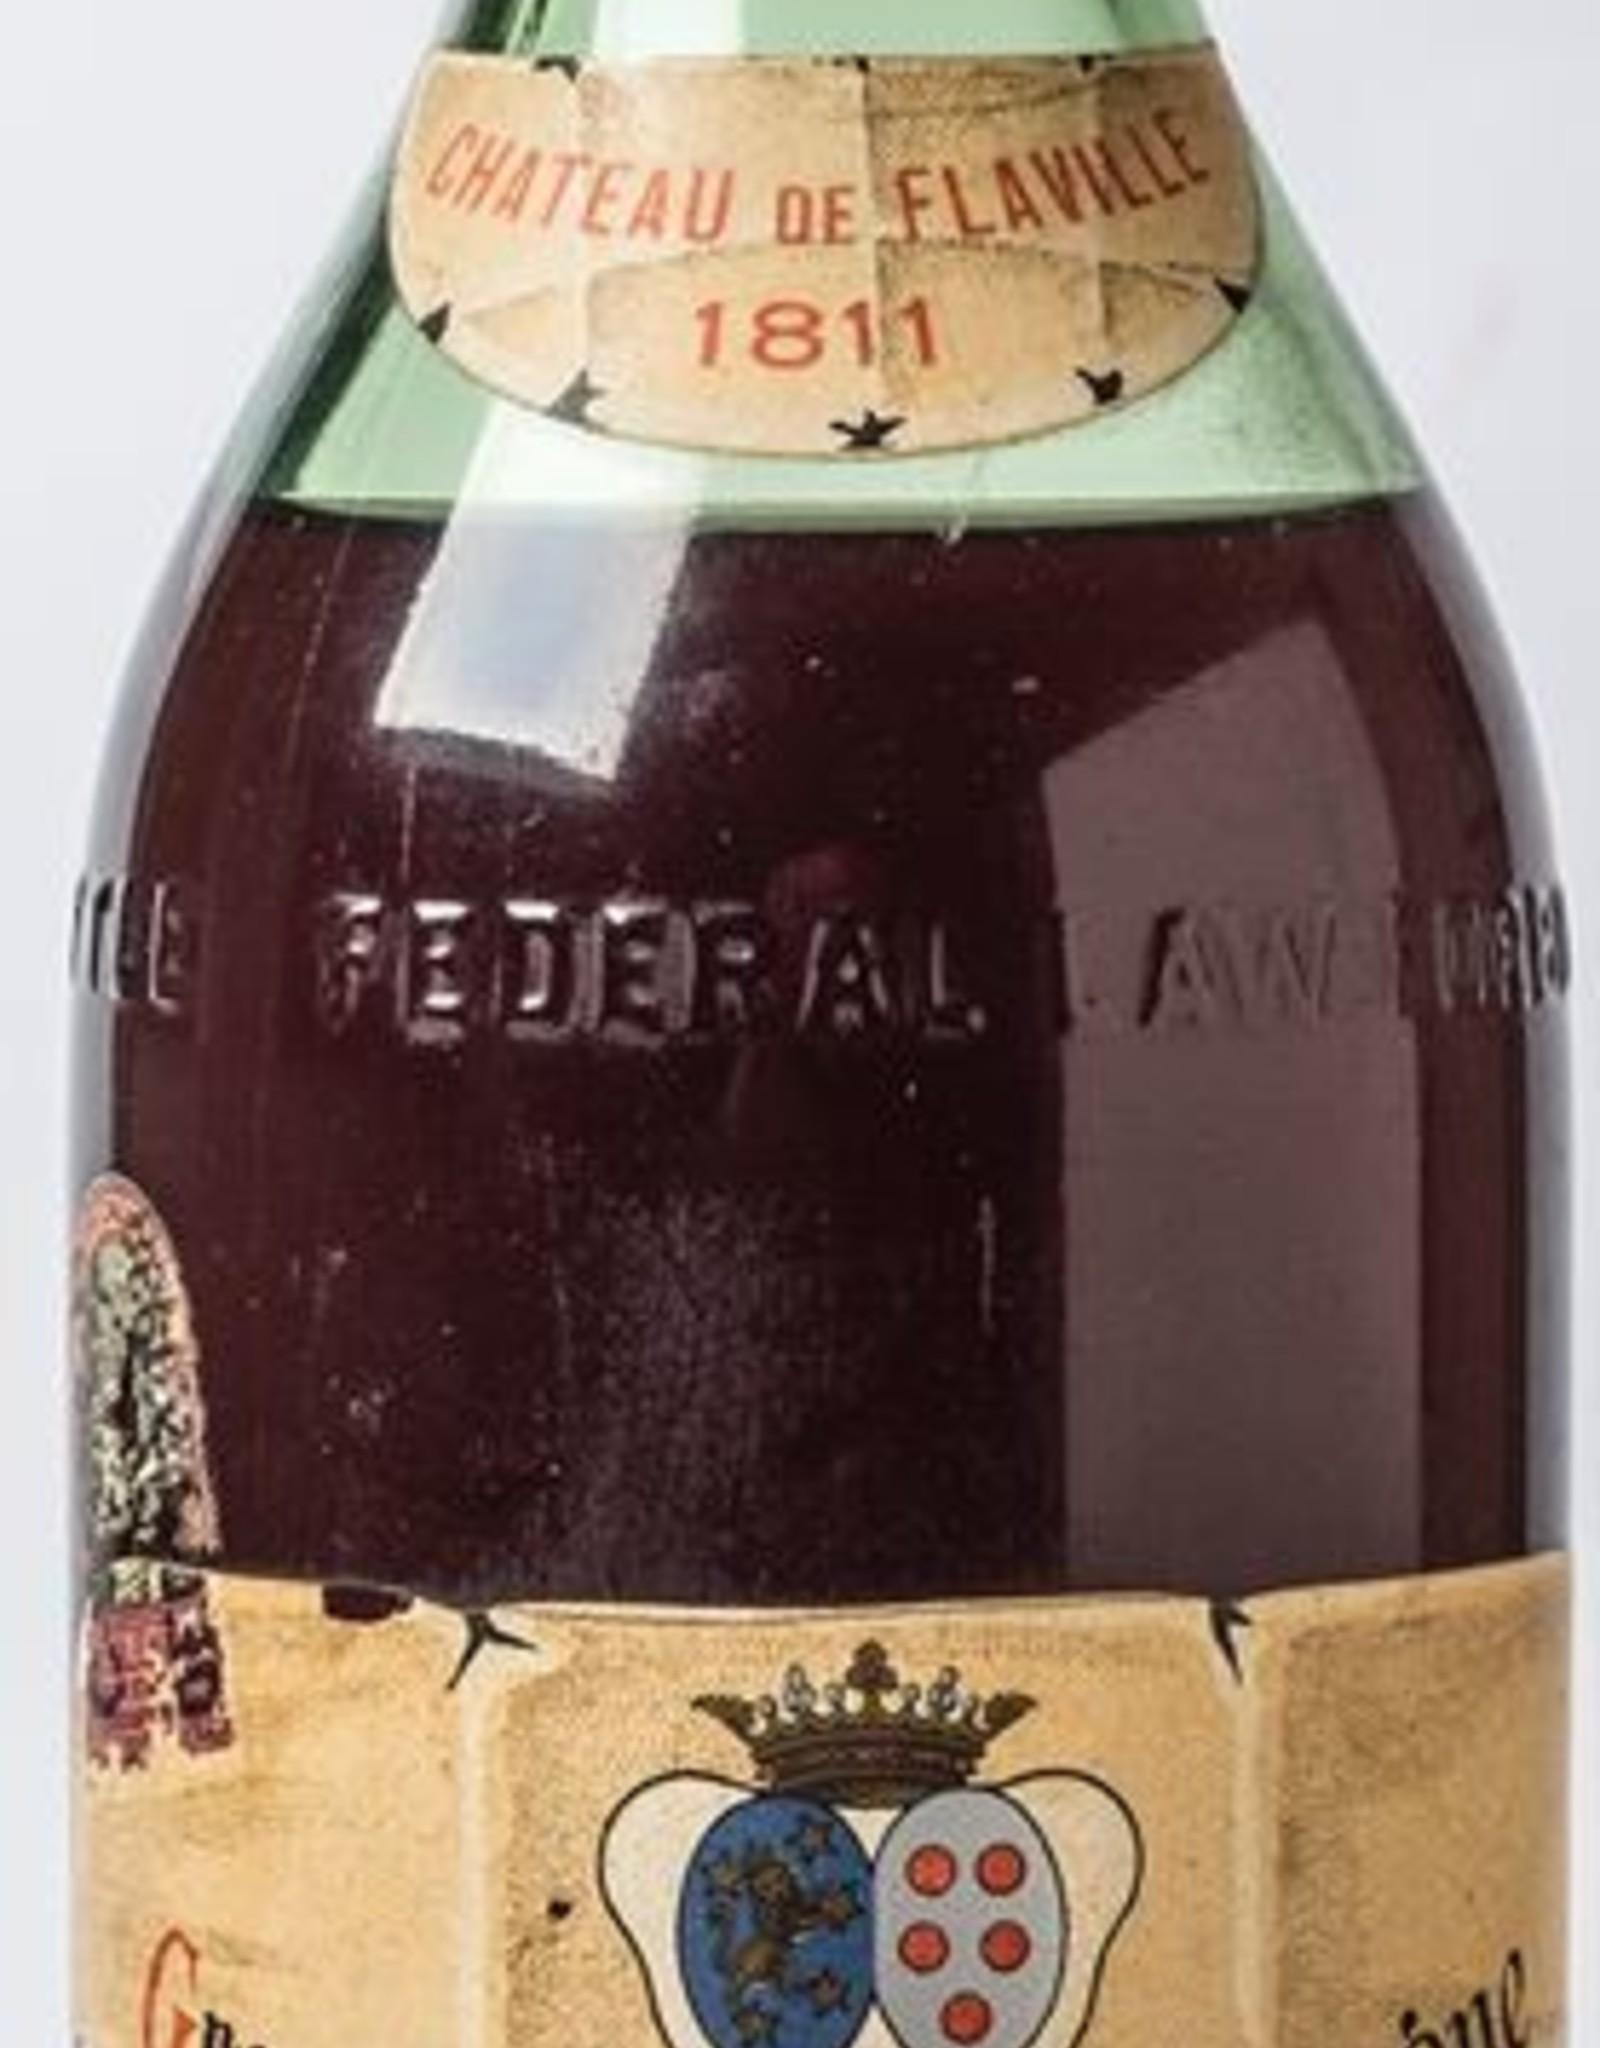 Croizet 1811 Croizet B. Leon Cognac